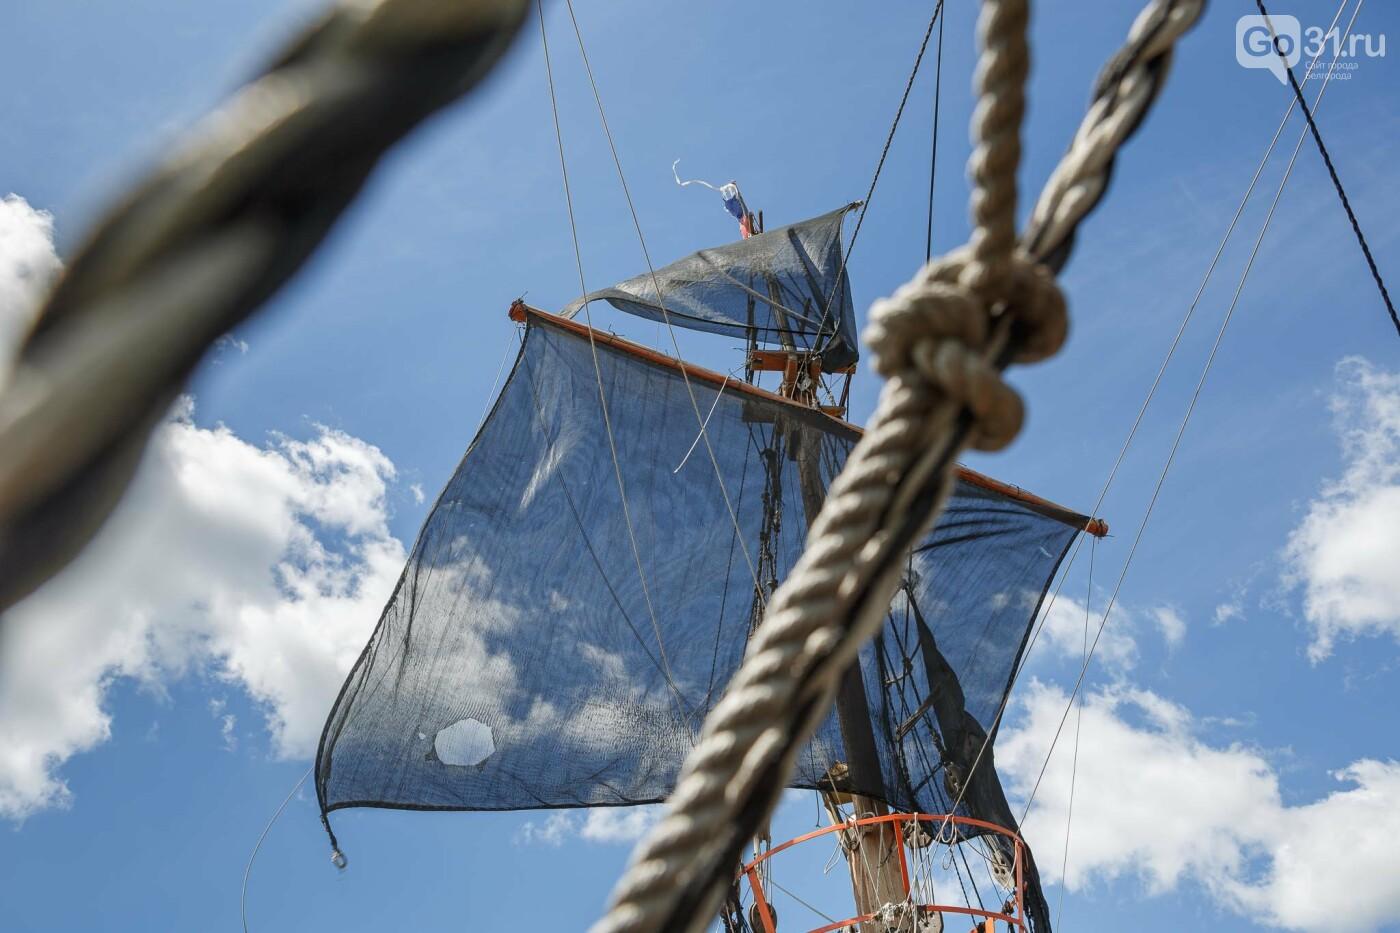 Корабль из гаража. Как создавался пиратский галеон в Купино, фото-14, Фото: Антон Вергун